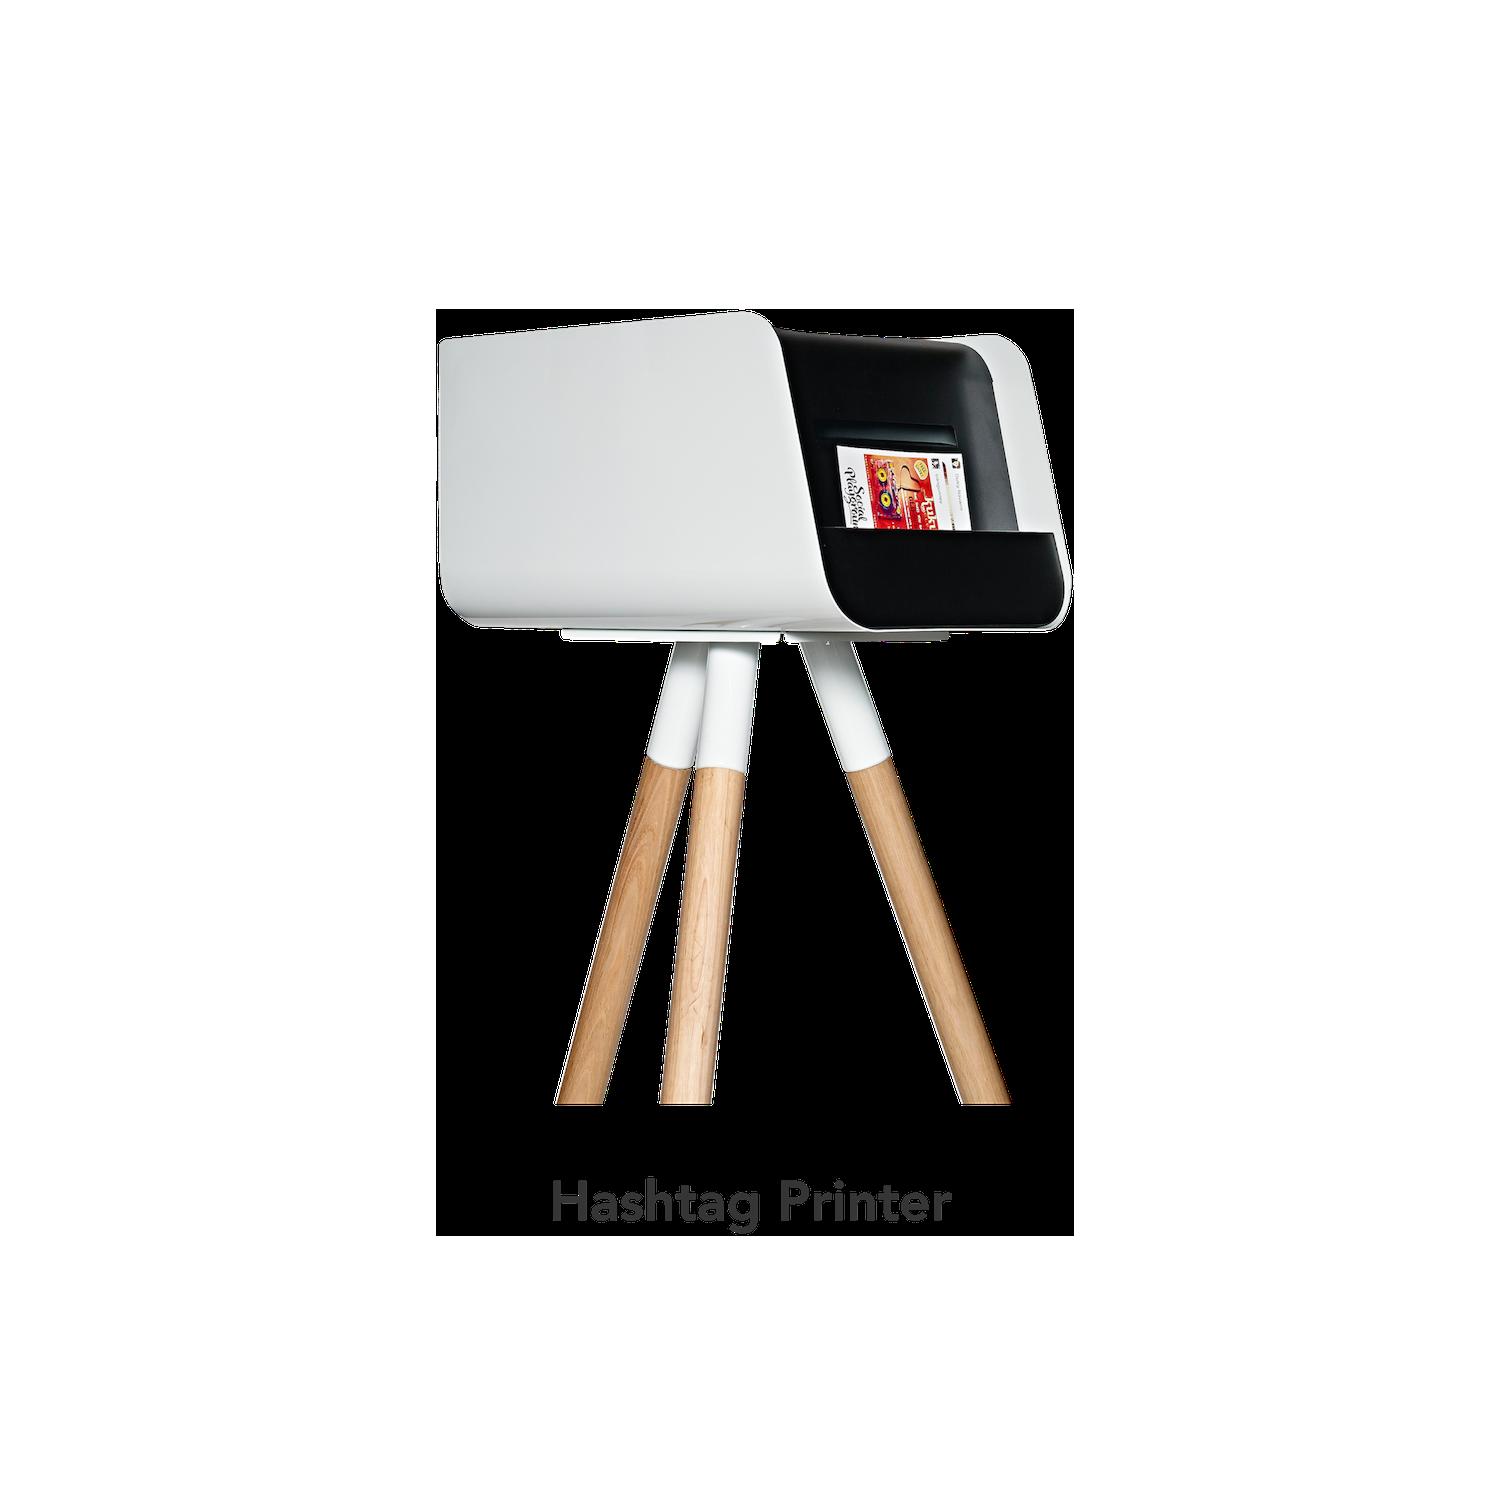 hashtag printer